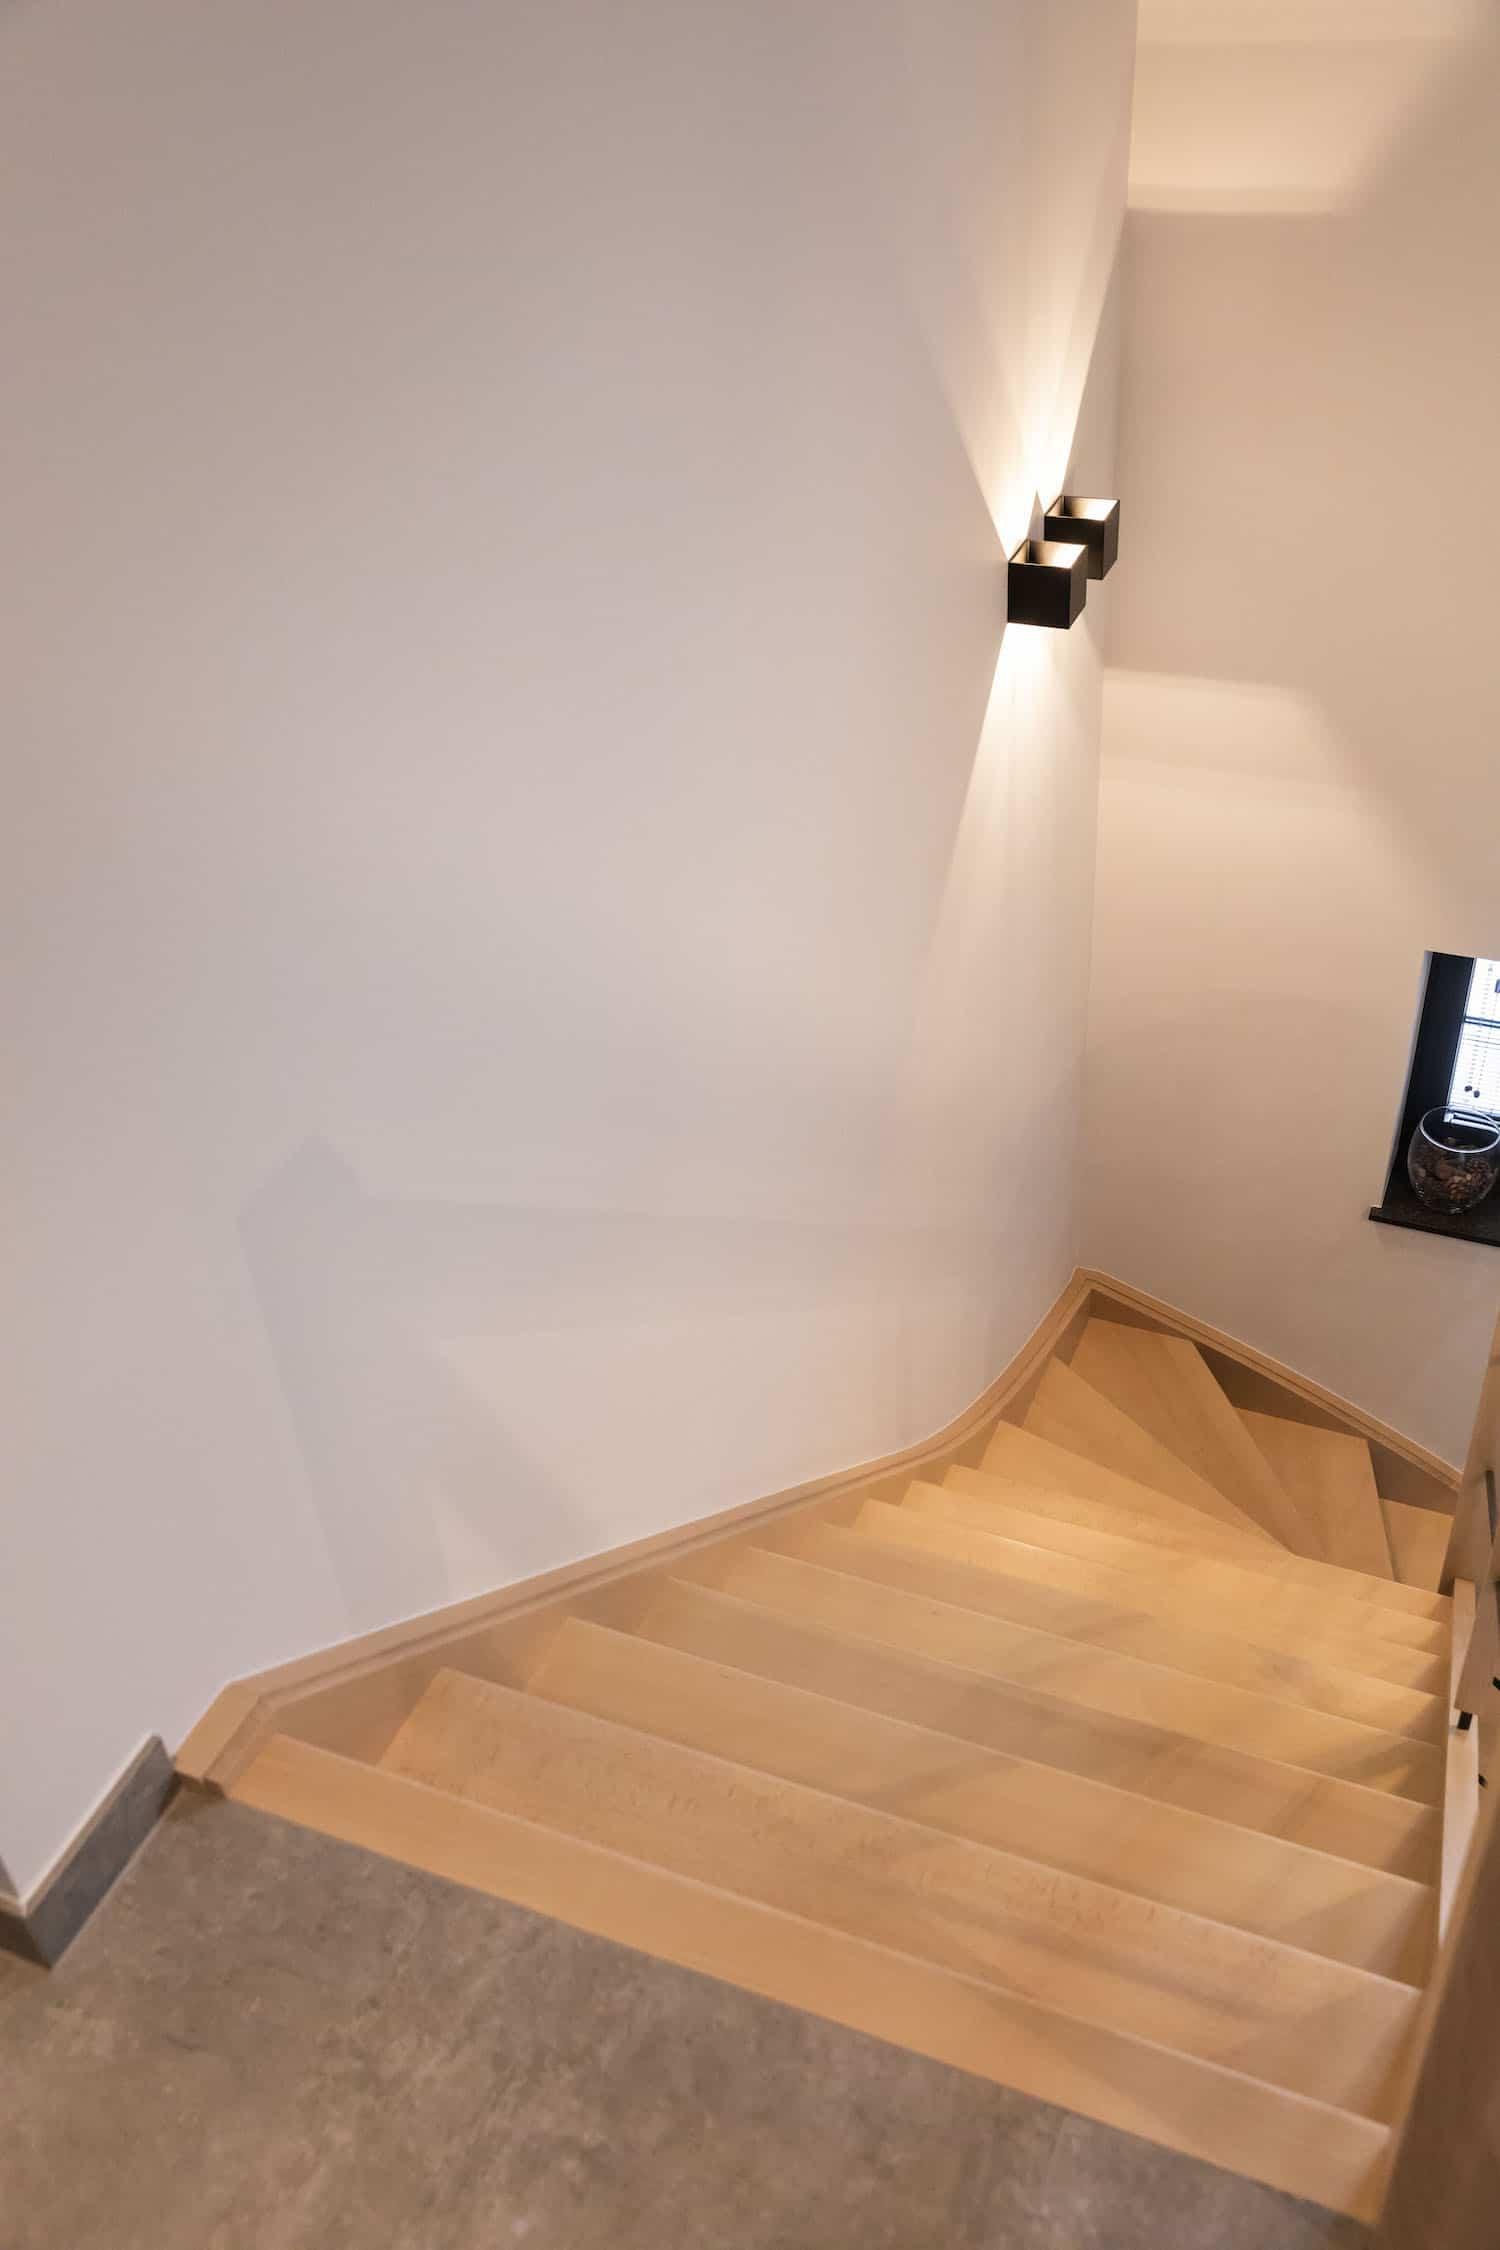 Tradionele open trap in beuk met leuning model inox zwart gelakt